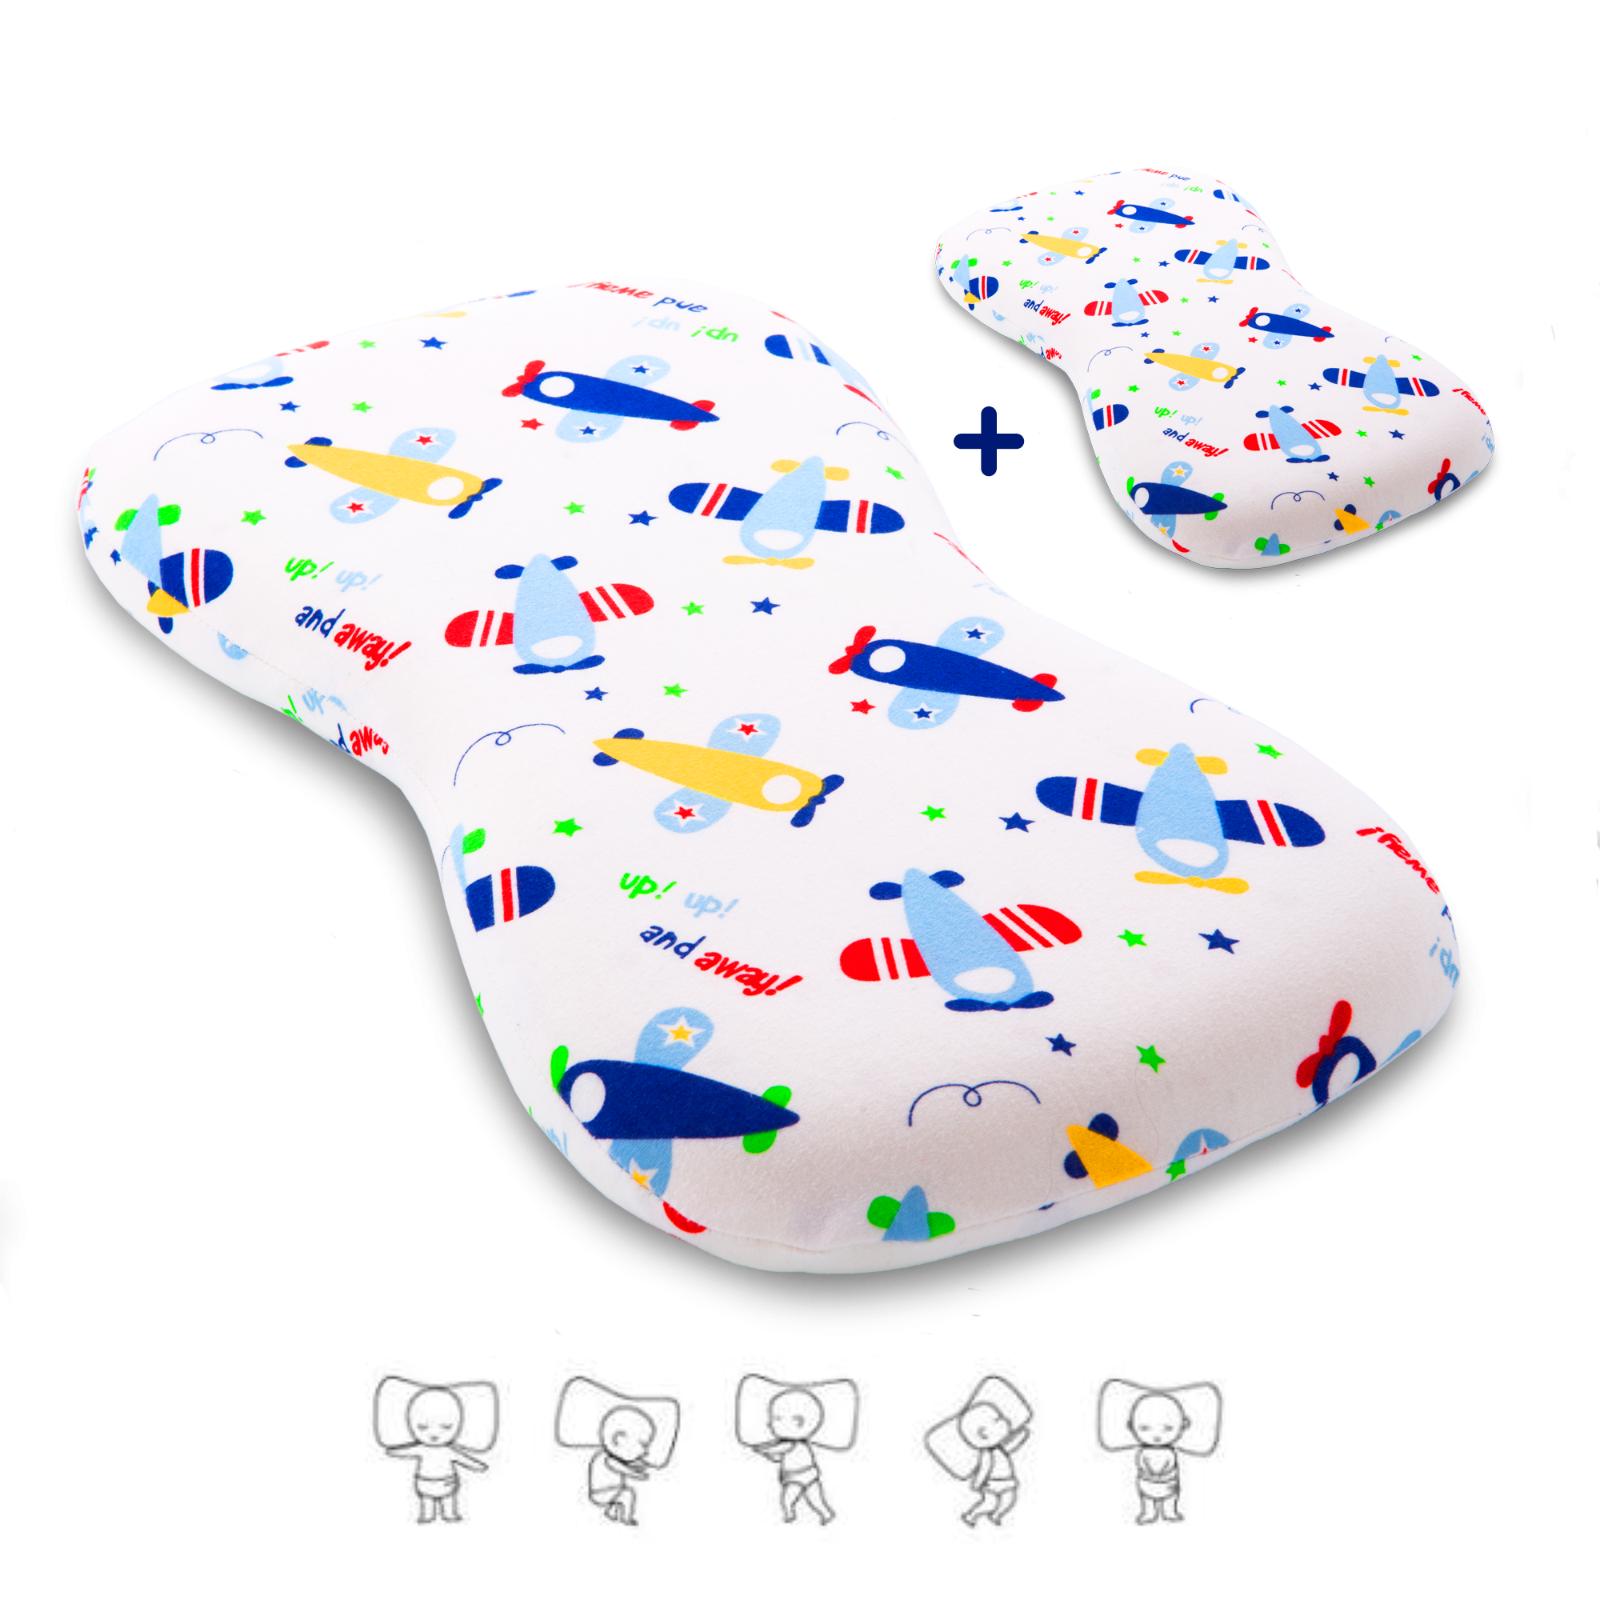 Cuscino Neonato Antisoffoco In Memory Foam Extra-Soft Per Prevenzione Plagiocefa